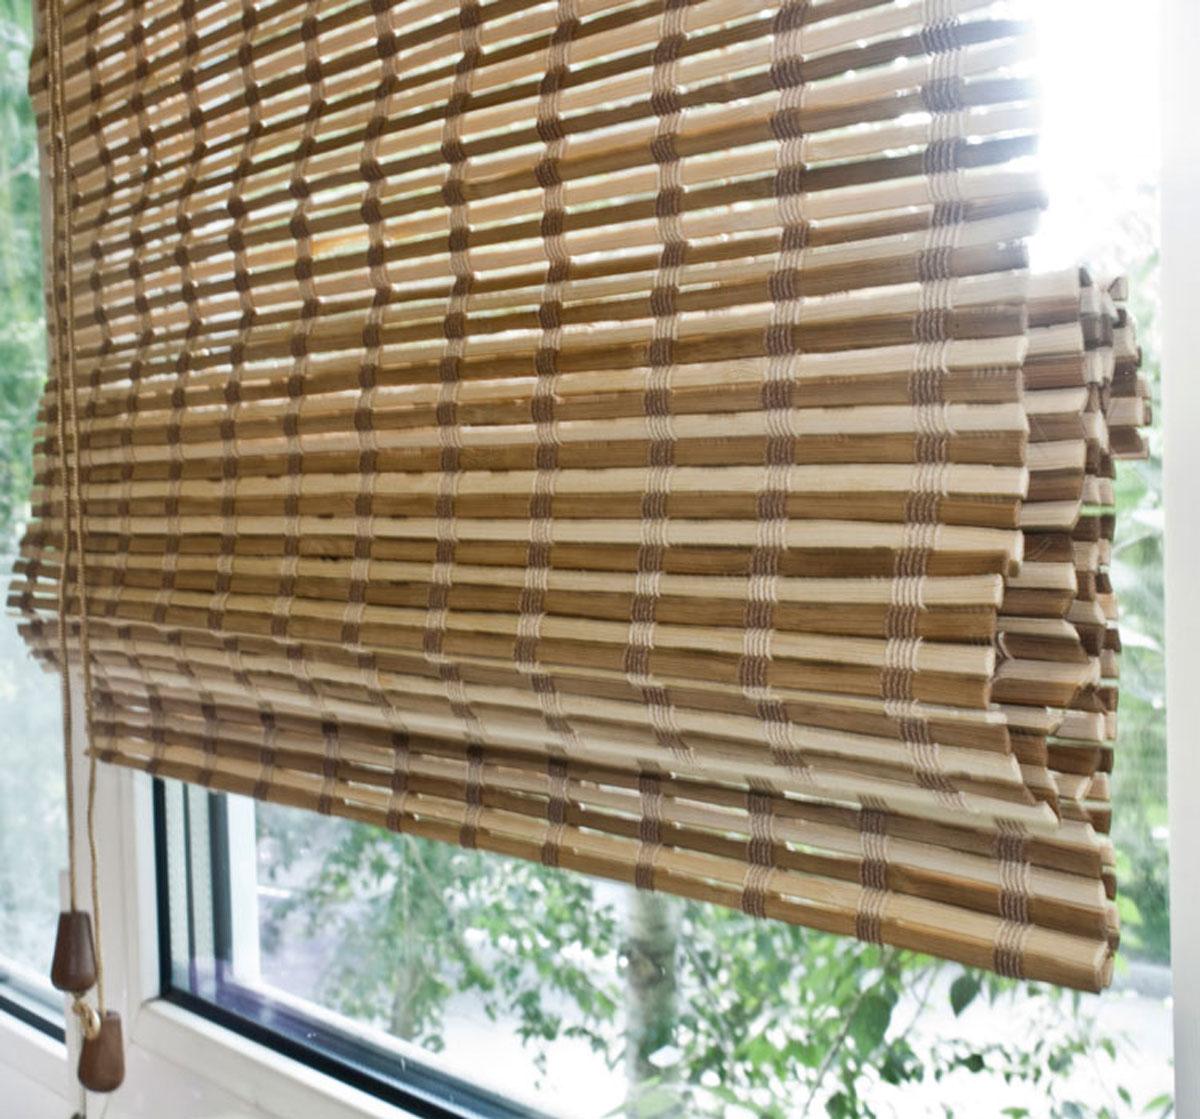 Римская штора Эскар, бамбуковая, цвет: коричневый, бежевый, ширина 80 см, высота 160 см5009050160Римская штора Эскар, выполненная из натурального бамбука, является оригинальным современным аксессуаром для создания необычного интерьера в восточном или минималистичном стиле.Римская бамбуковая штора, как и тканевая римская штора, при поднятии образует крупные складки, которые прекрасно декорируют окно. Особенность устройства полотна позволяет свободно пропускать дневной свет, что обеспечивает мягкое освещение комнаты. Римская штора из натурального влагоустойчивого материала легко вписывается в любой интерьер, хорошо сочетается с различной мебелью и элементами отделки. Использование бамбукового полотна придает помещению необычный вид и визуально расширяет пространство. Бамбуковые шторы требуют только сухого ухода: пылесосом, щеткой, веником или влажной (но не мокрой!) губкой. Комплект для монтажа прилагается.